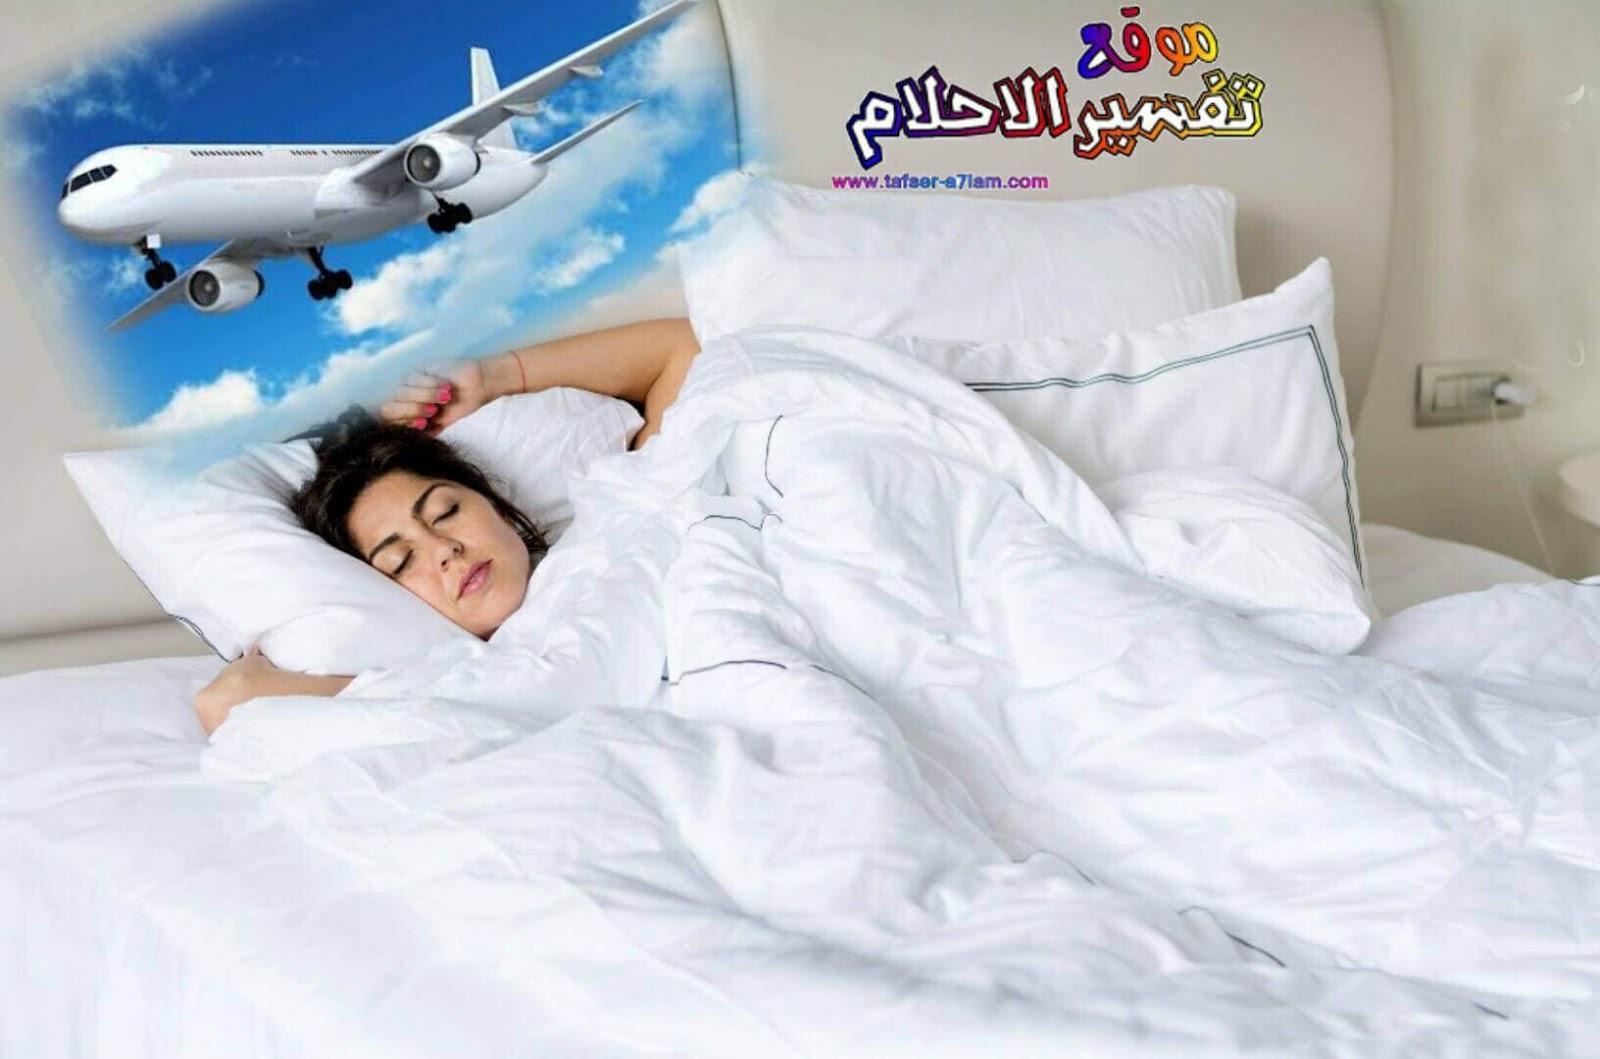 تفسير حلم الطائرة في المنام ومعنى رؤية ركوب أو سقوط الطائرة